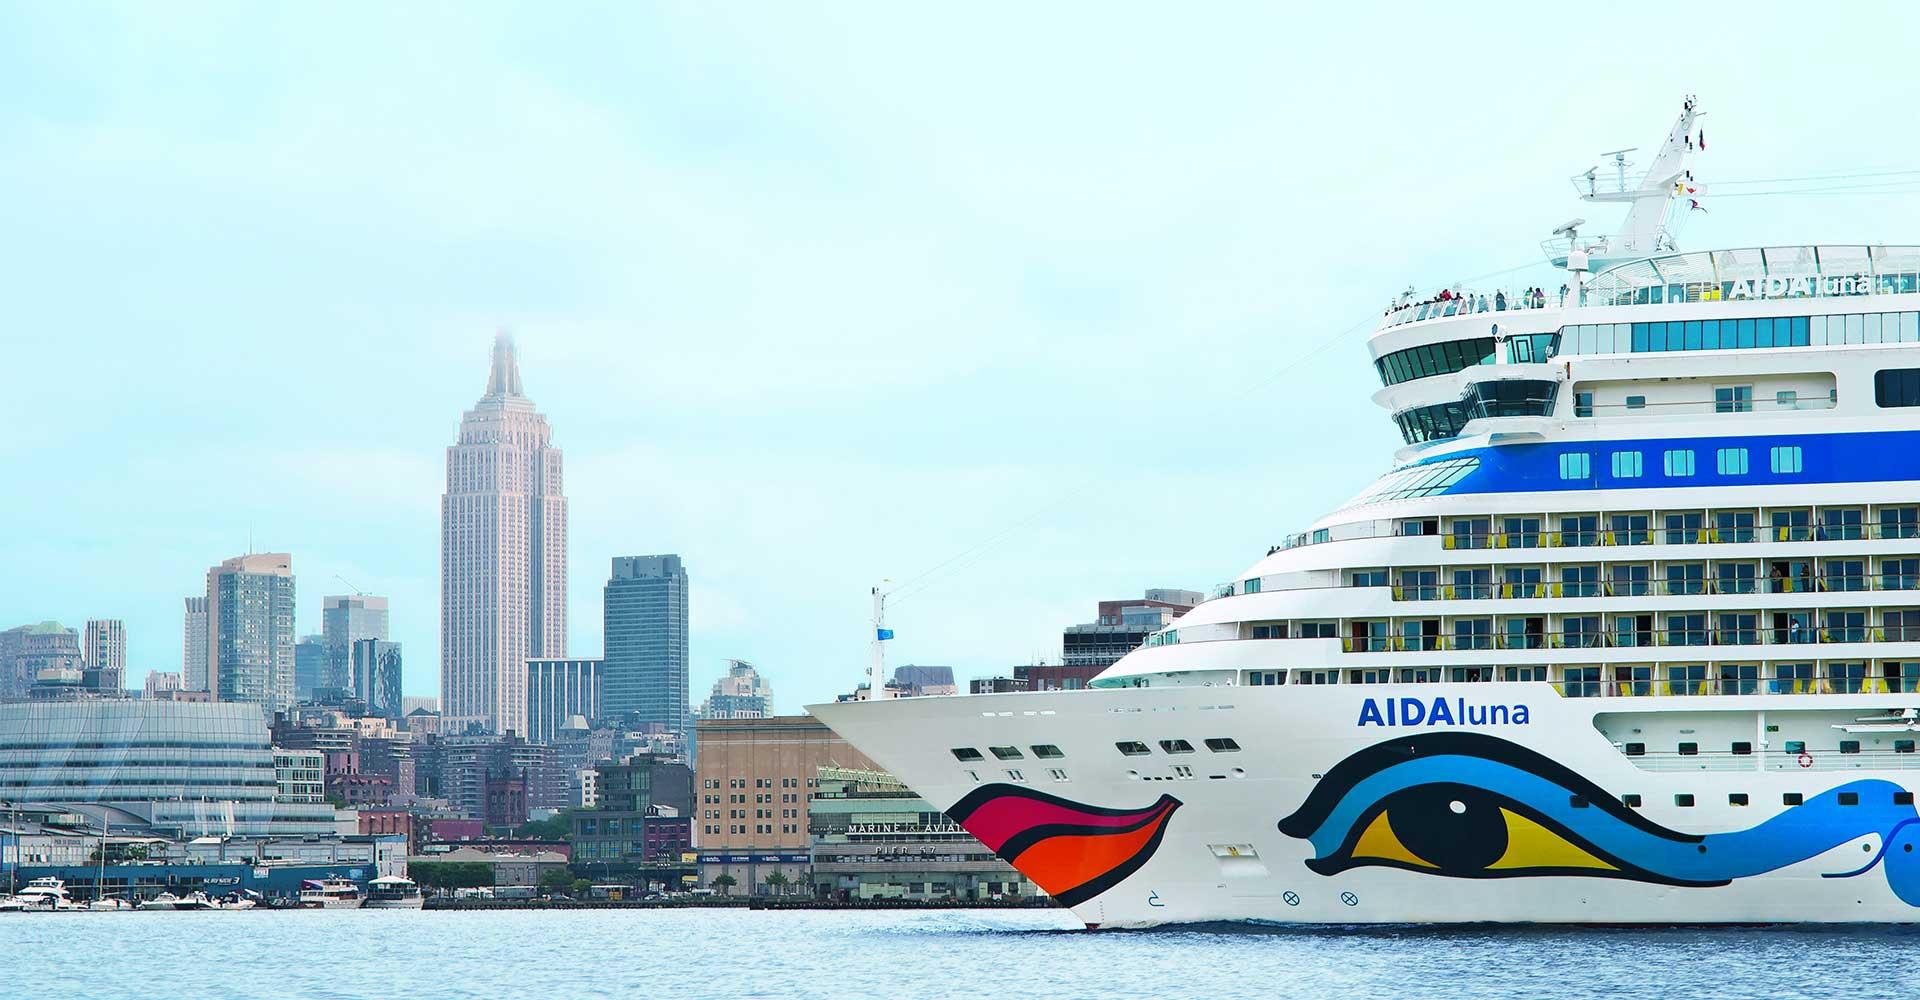 Die AIDAluna vor der Skyline von New York. © AIDA Cruises